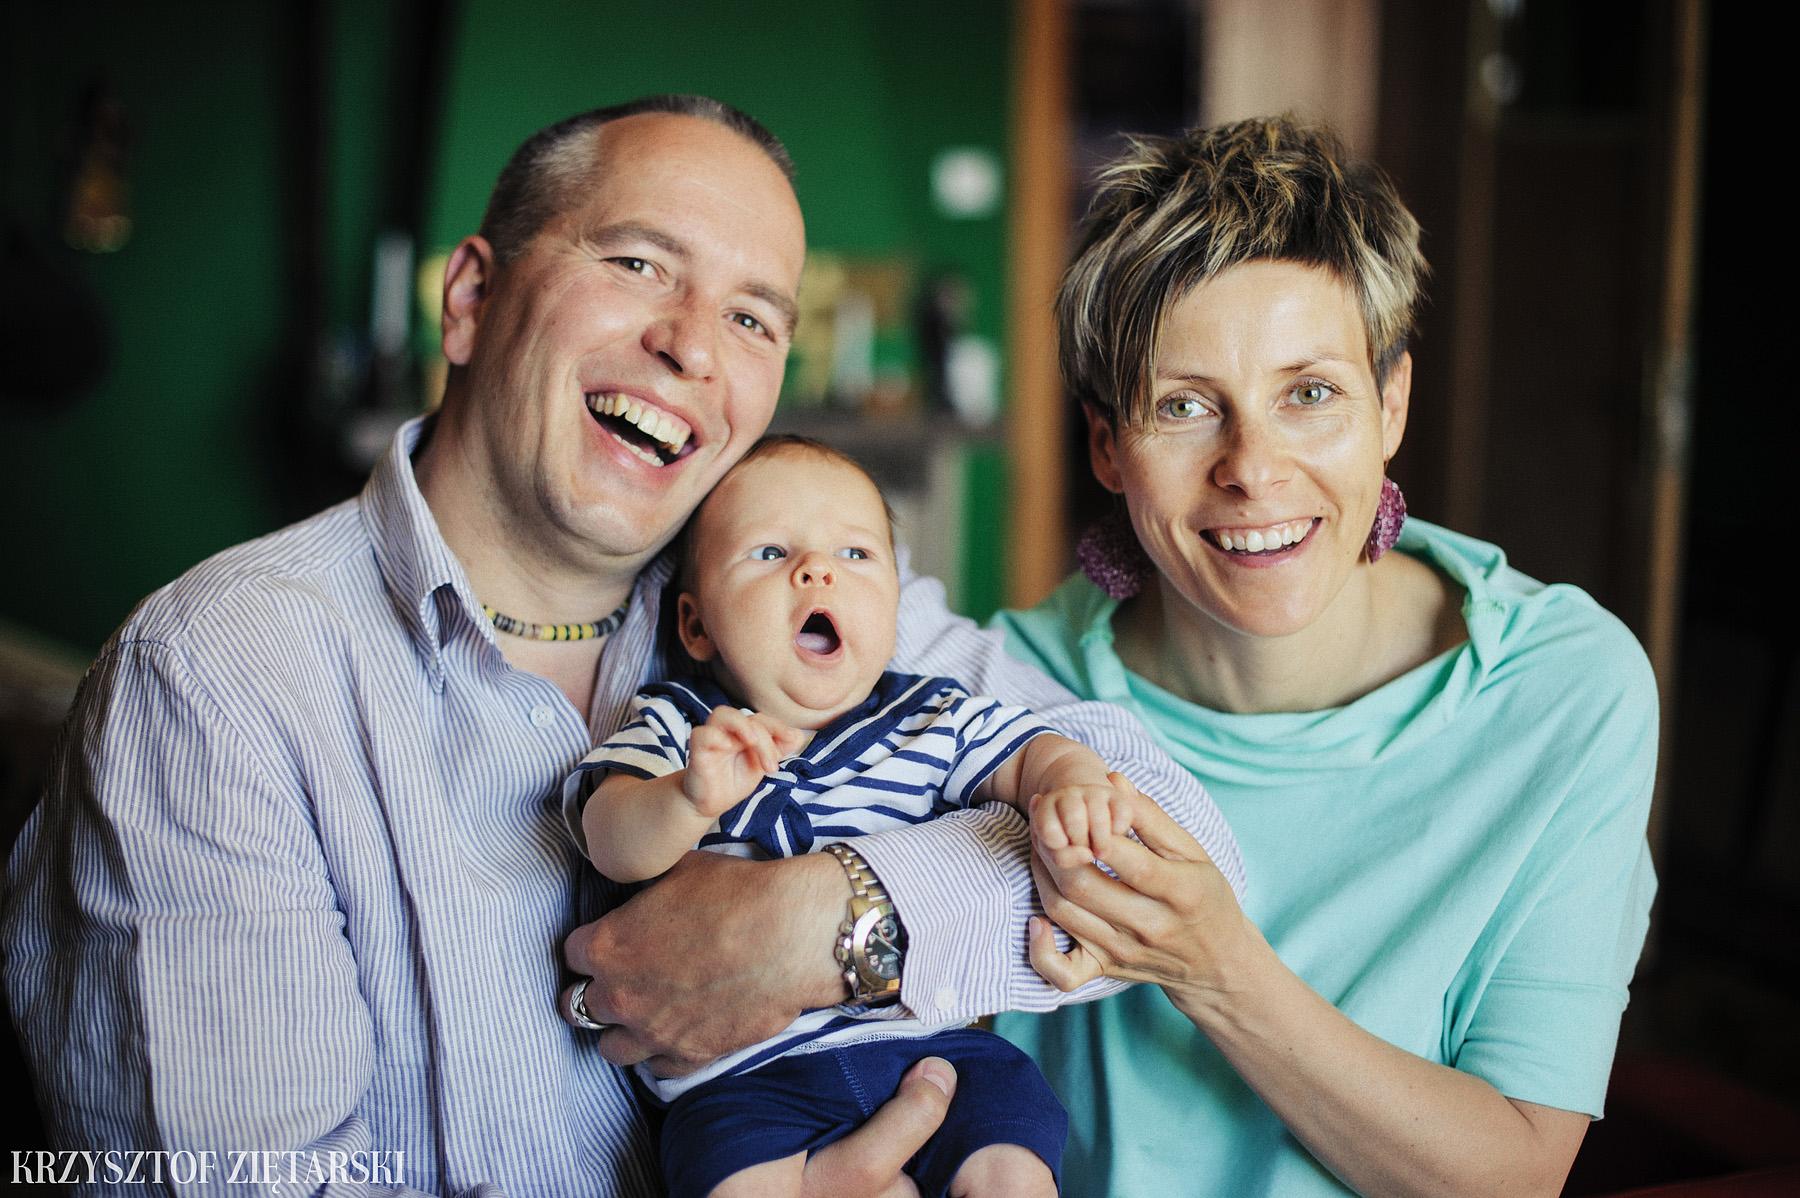 Ania, Karol i Oskarek - Fotografia rodzinna Gdynia - rodzinna sesja fotograficzna w prezencie - 3.